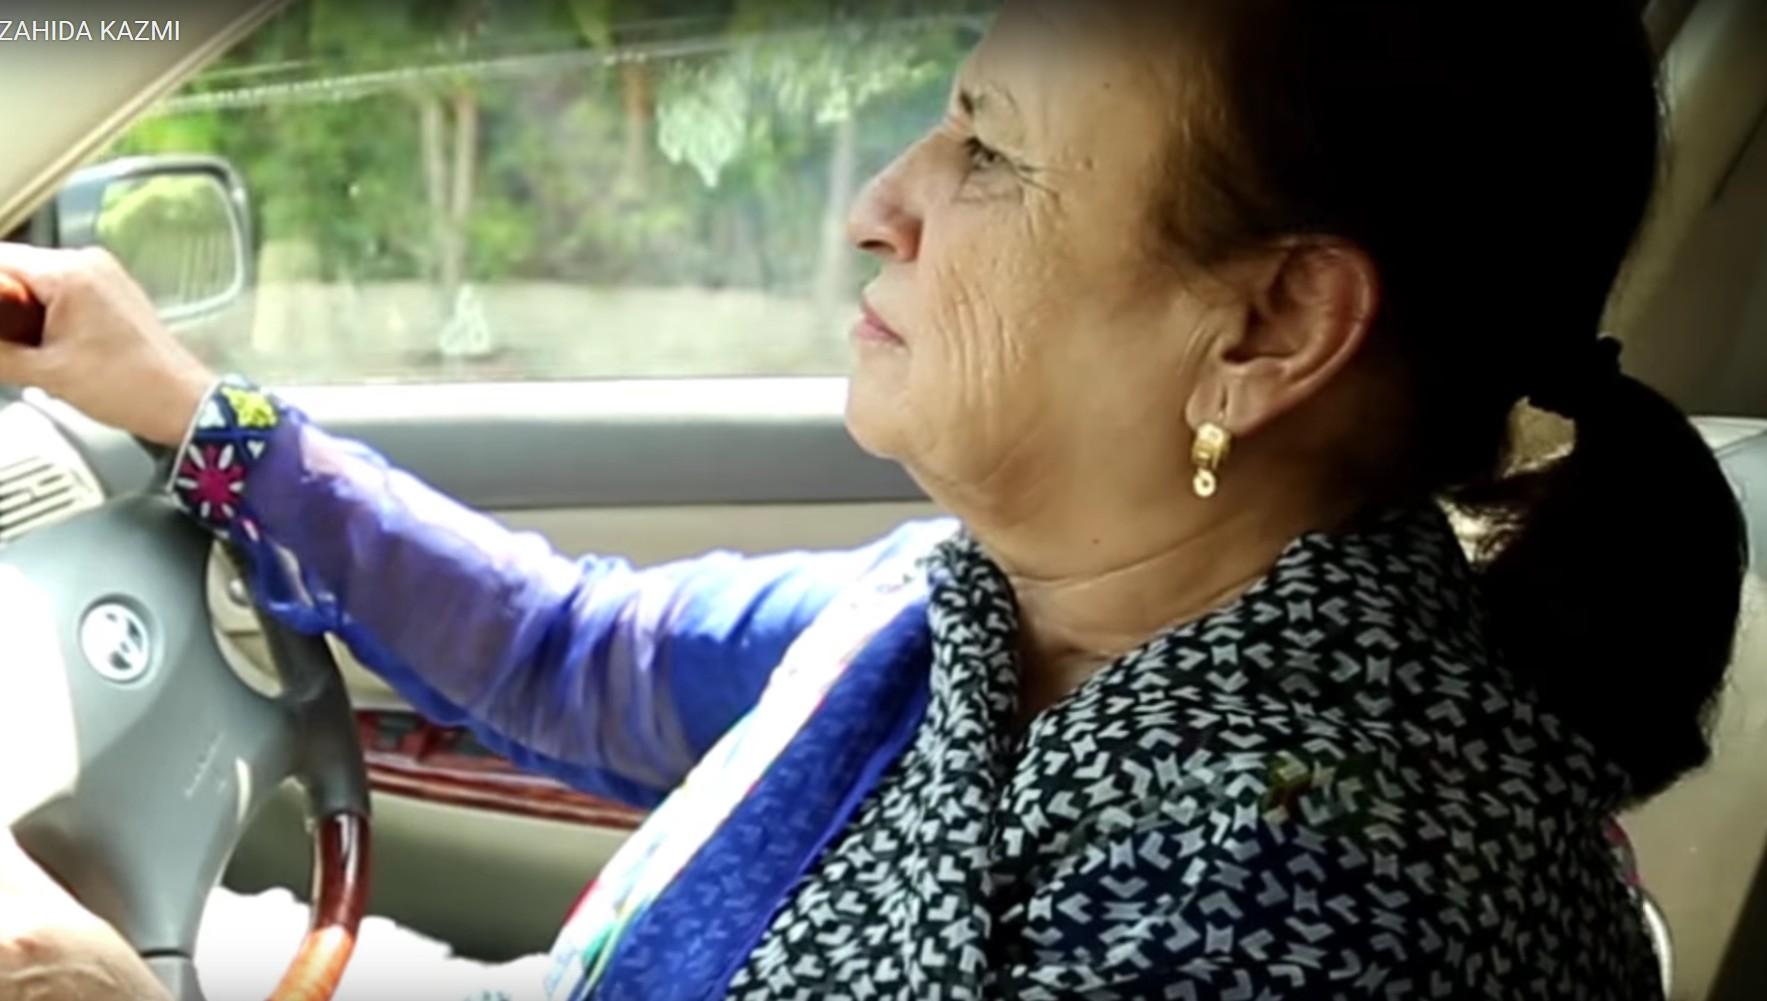 जाहिदा पाकिस्तानमध्ये पहिली महिला टॅक्सी चालक बनली. 1992 सालापासून त्यांनी हा व्यवसाय सुरू केला.